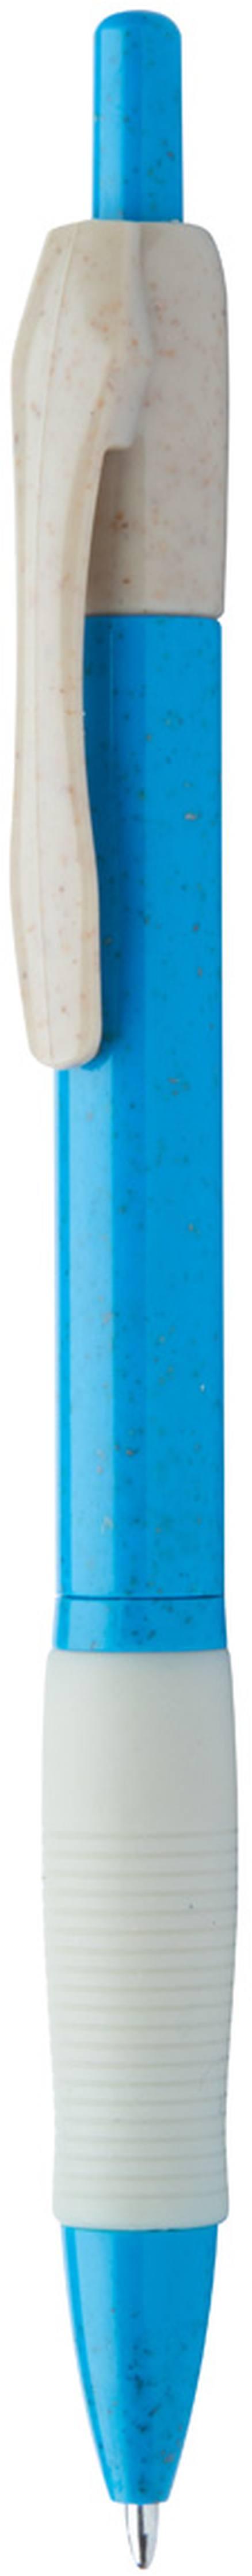 Rosdy kuličkové pero